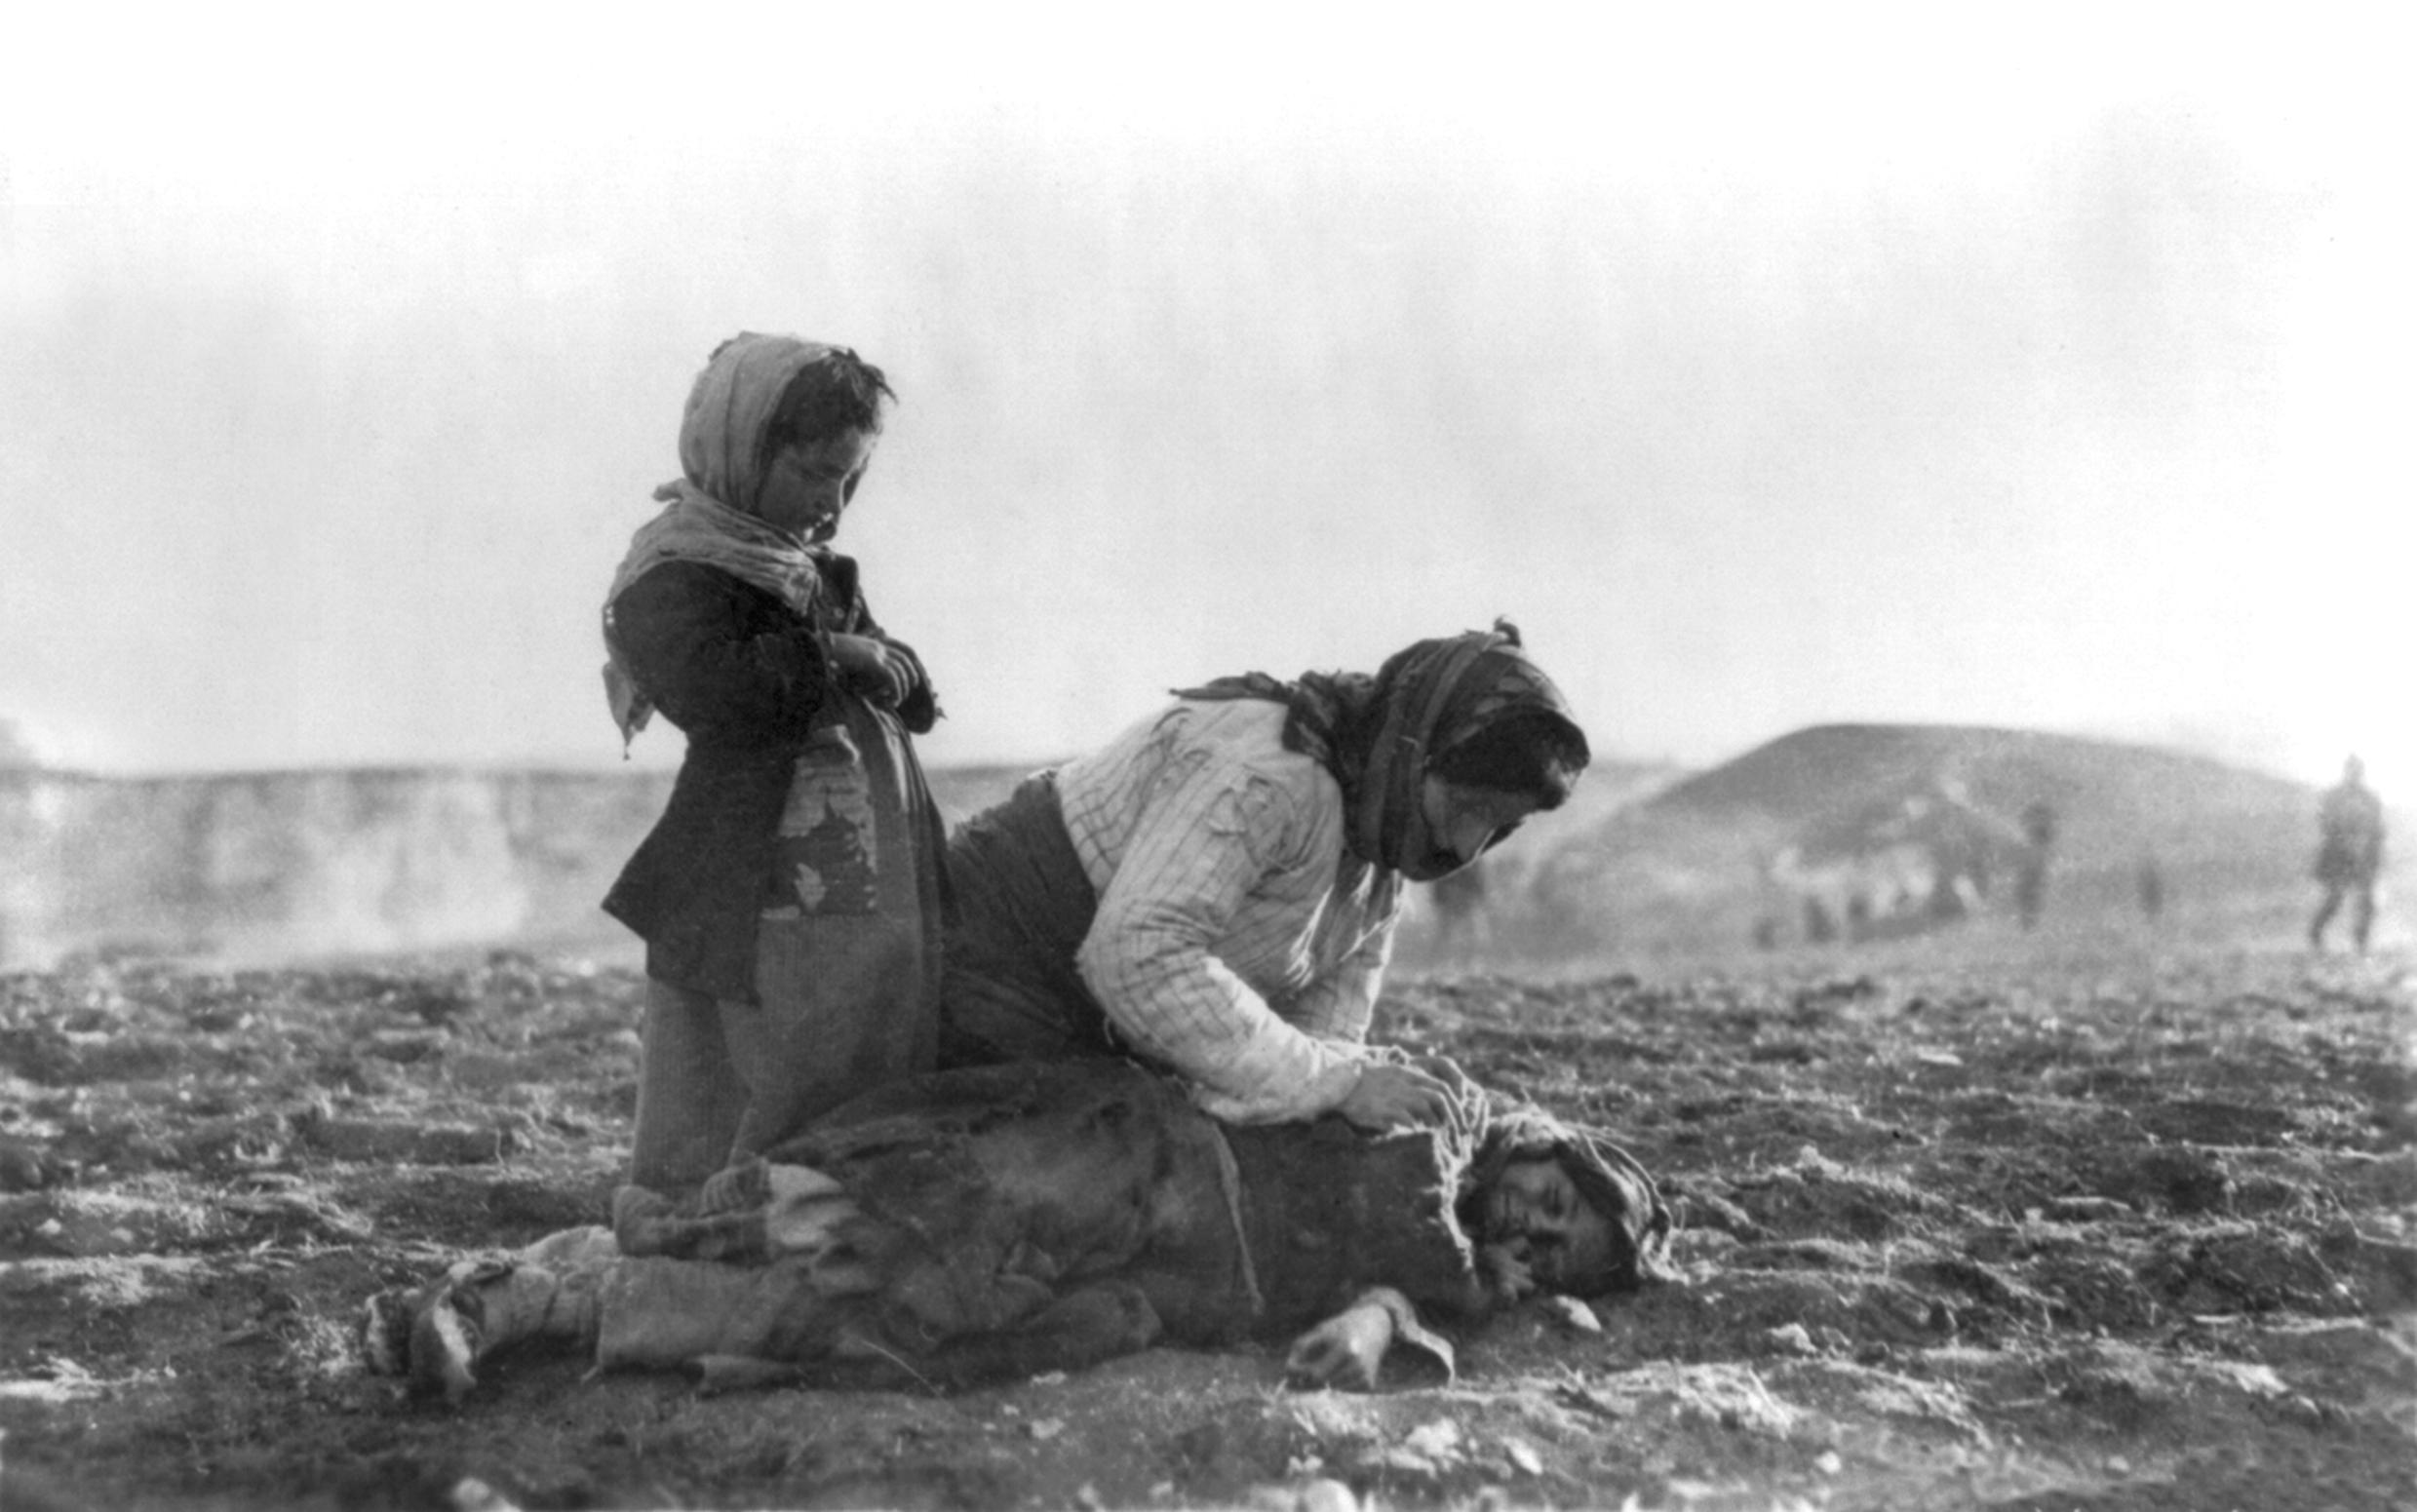 Messe pour les victimes du génocide arménien – le 22 avril 2019 à Paris